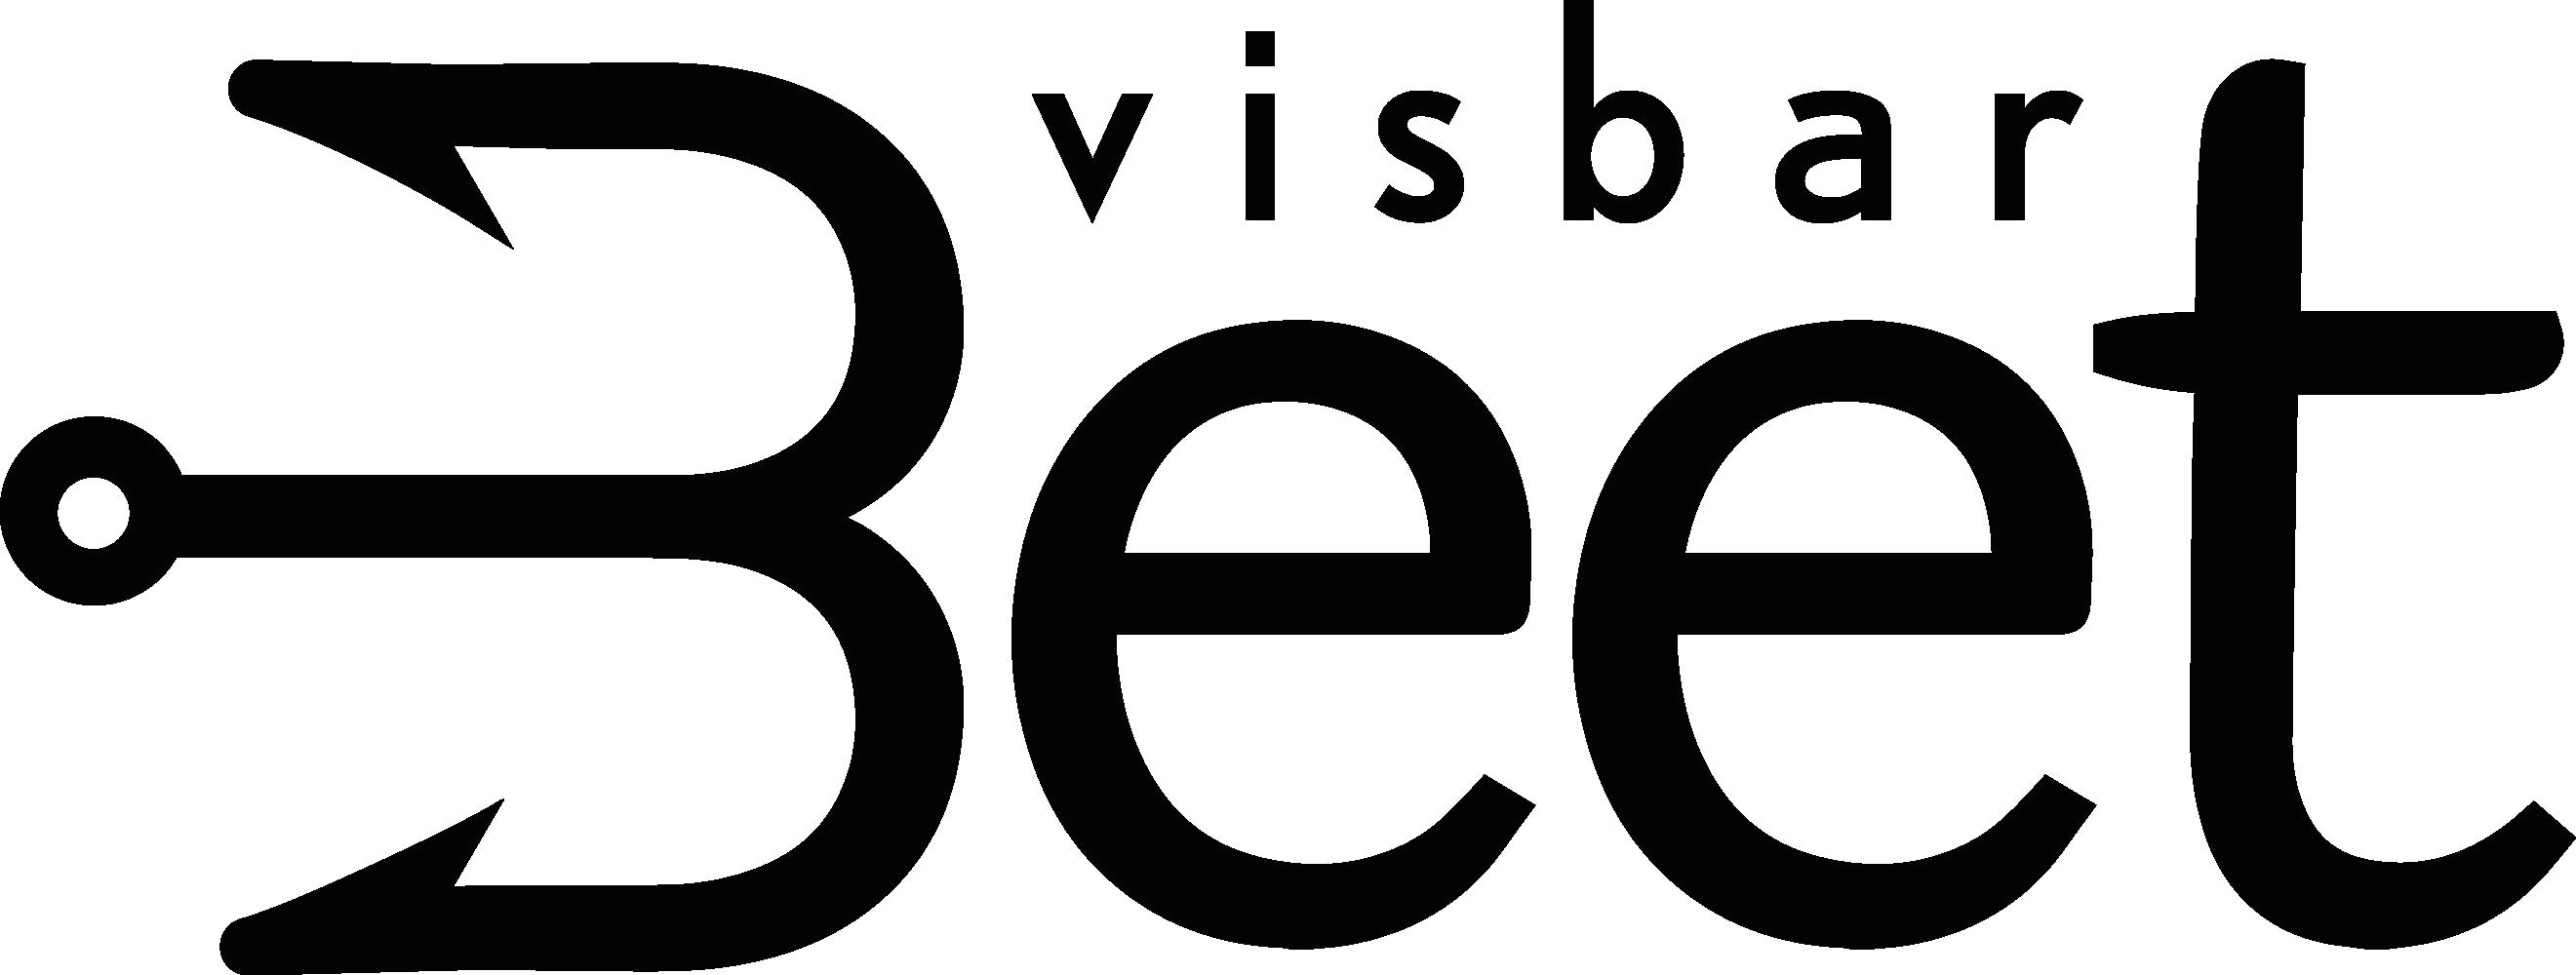 Visbar beet logo